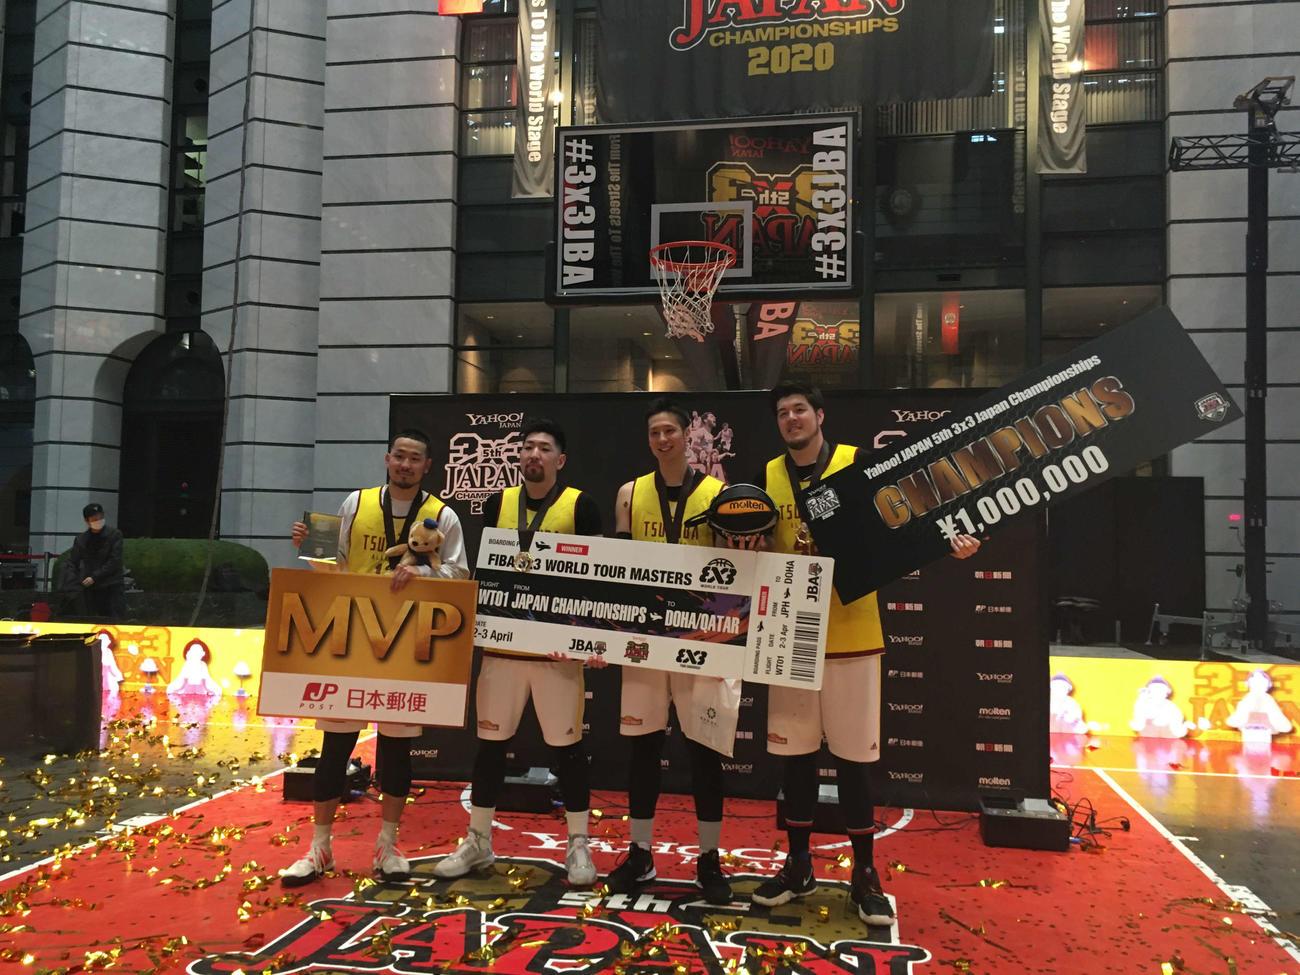 3人制バスケットボール日本選手権の男子で優勝したTEAM TSUKUBA(茨城)の4人。左端がMVP受賞の大友(撮影・奥岡幹浩)